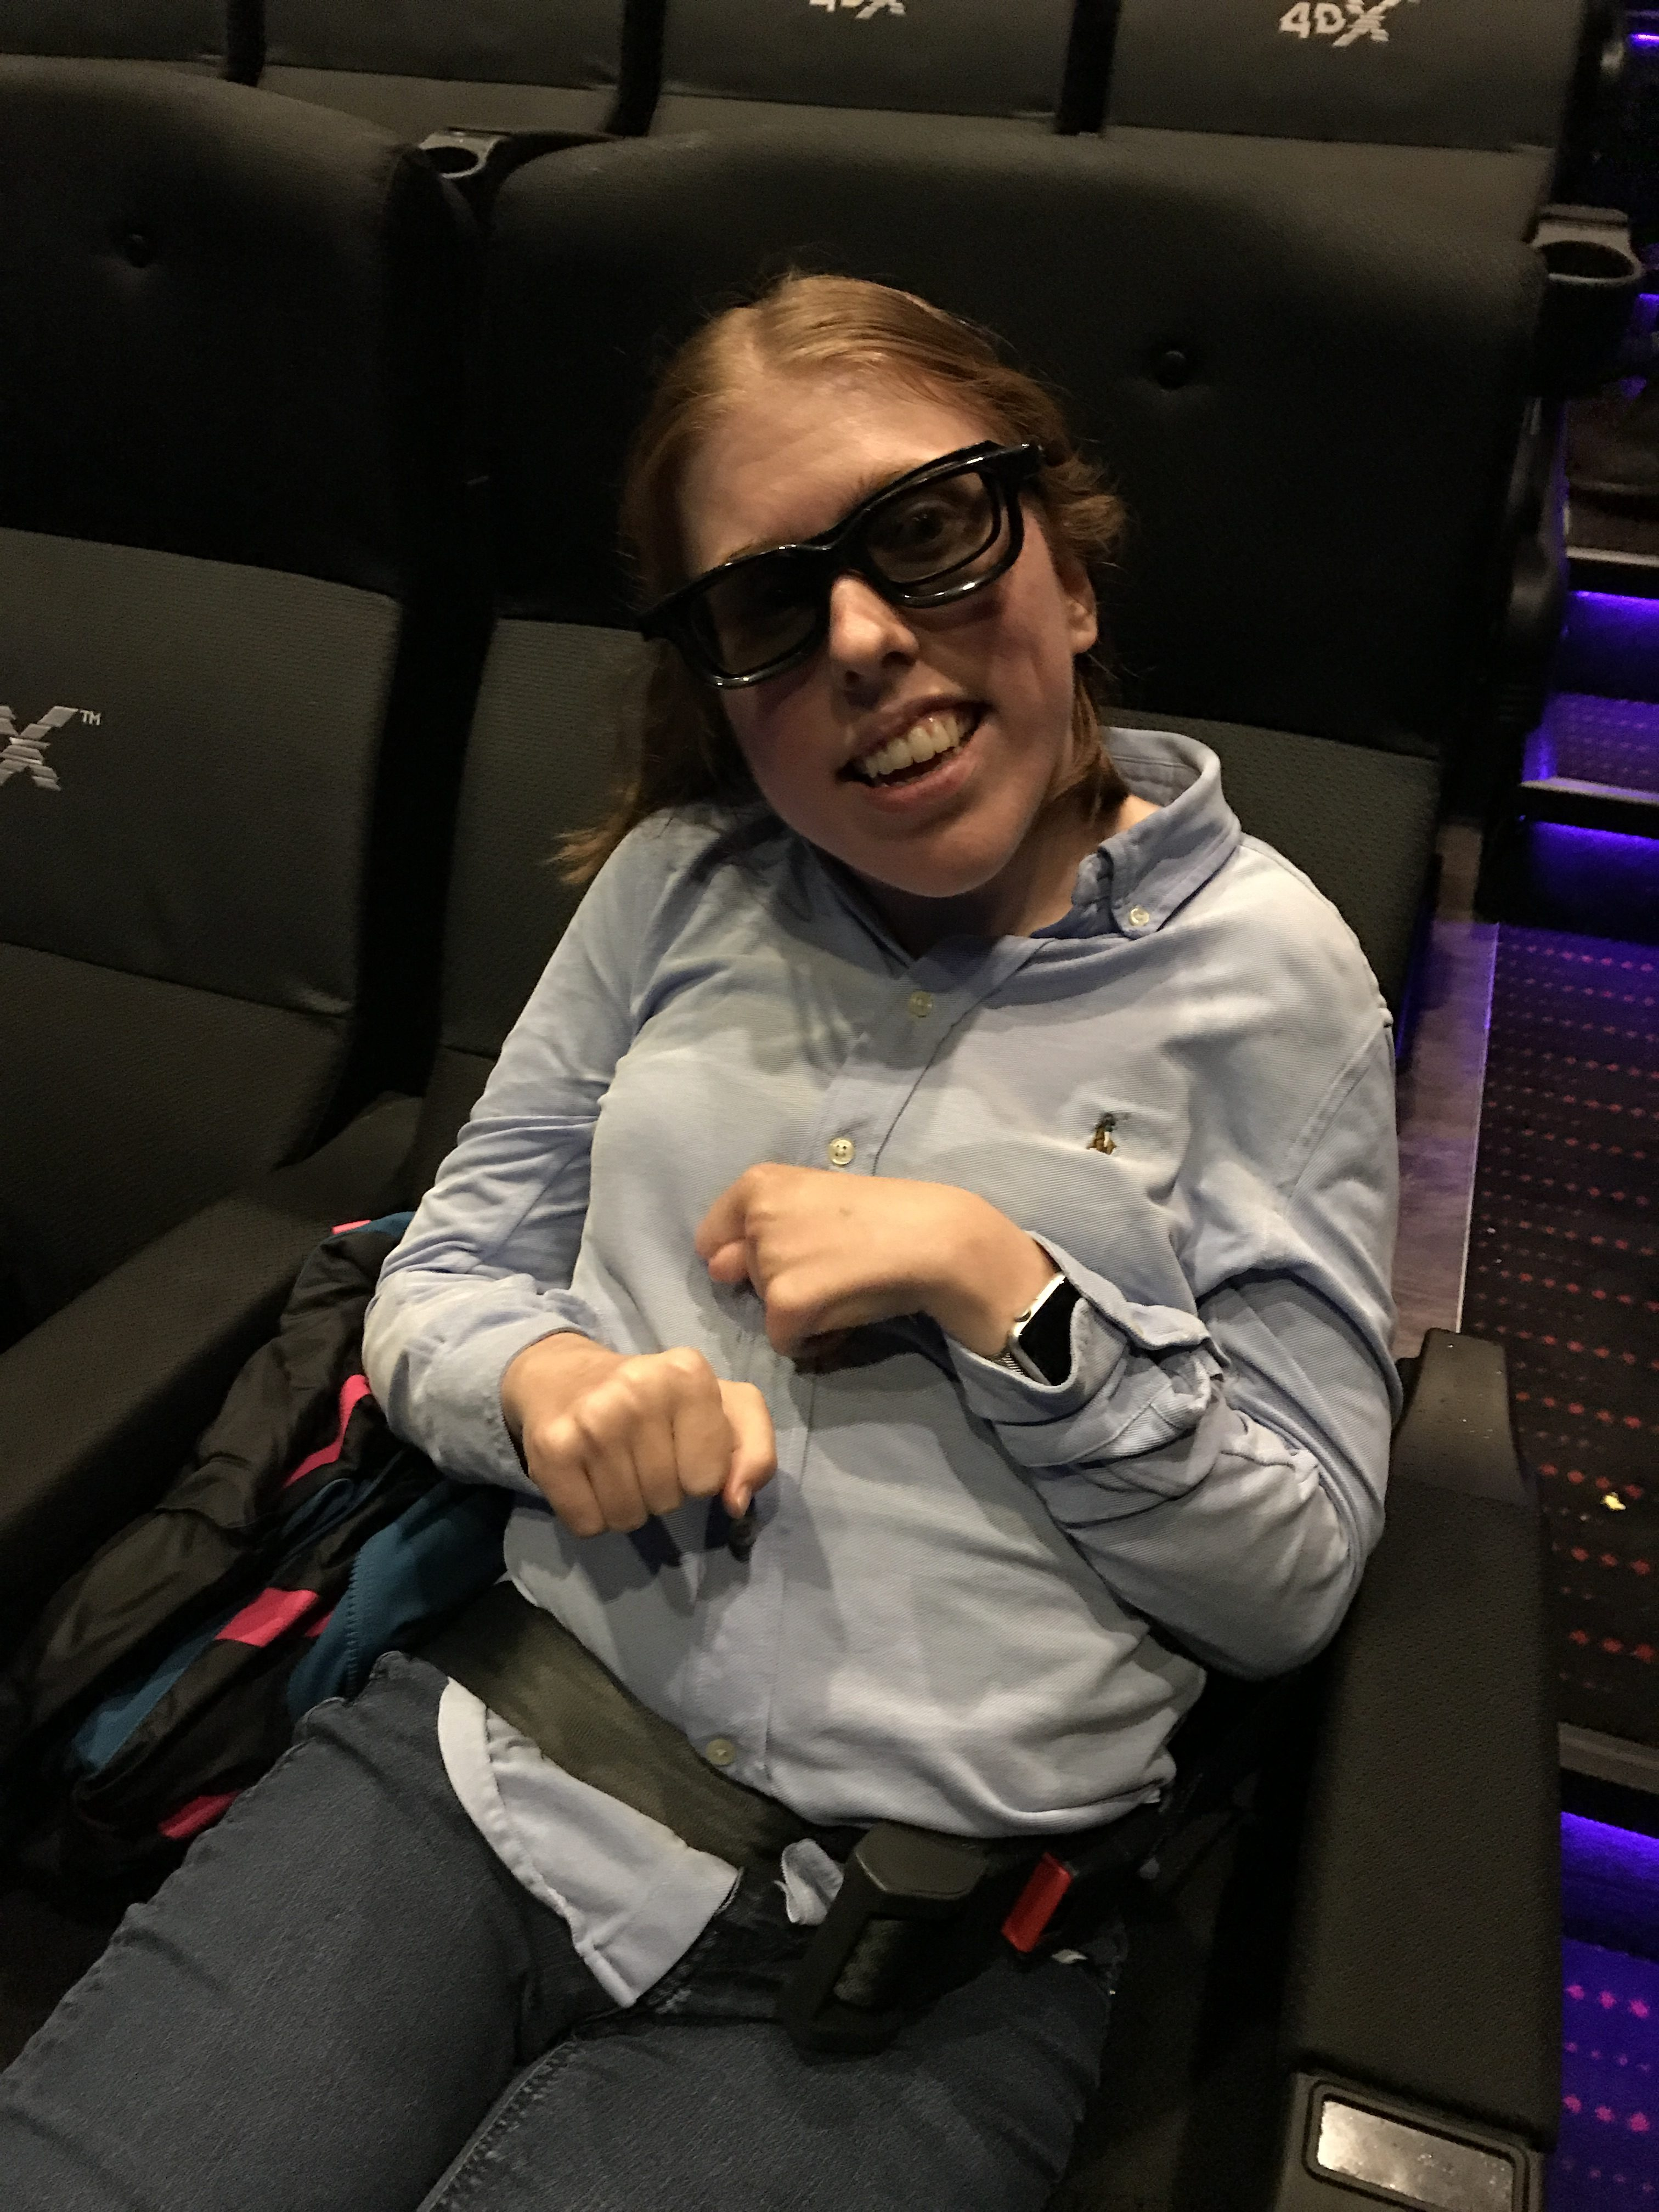 4D kino sete og plakat med effekter